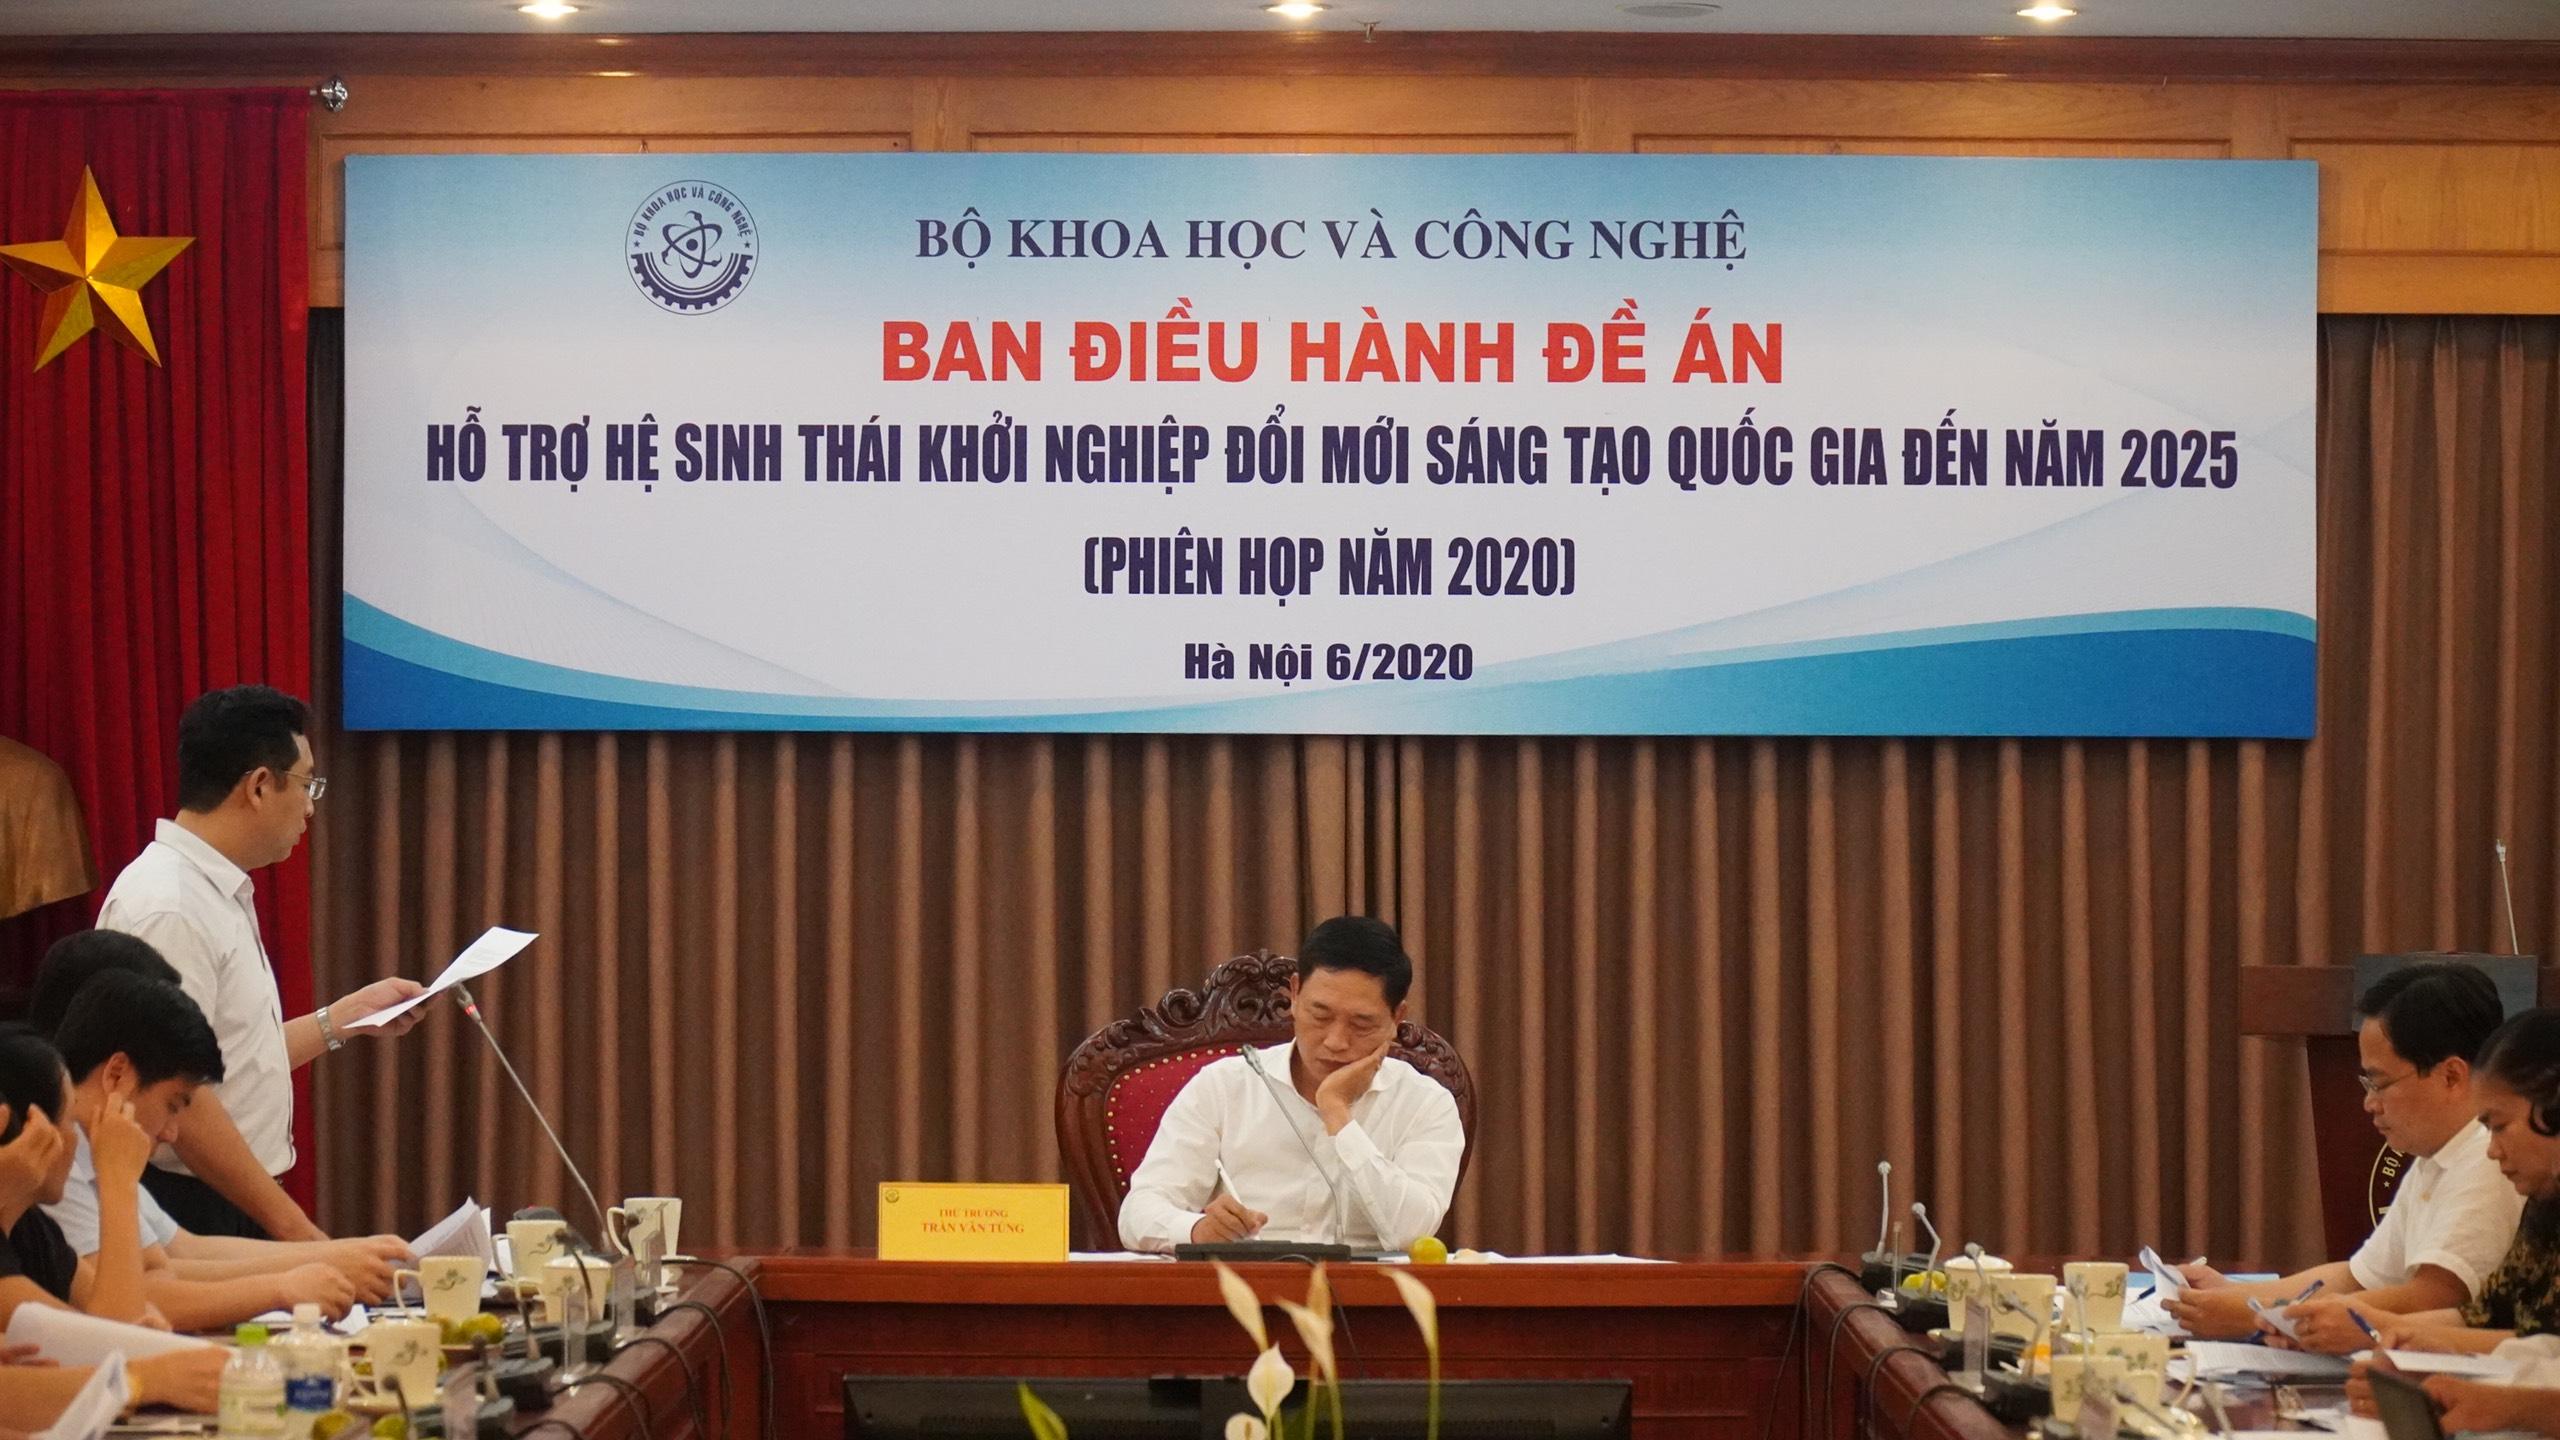 Anh Phạm Nam báo cáo kết quả hoạt động 2019 và phương hướng 2020. Ảnh: MinH Công